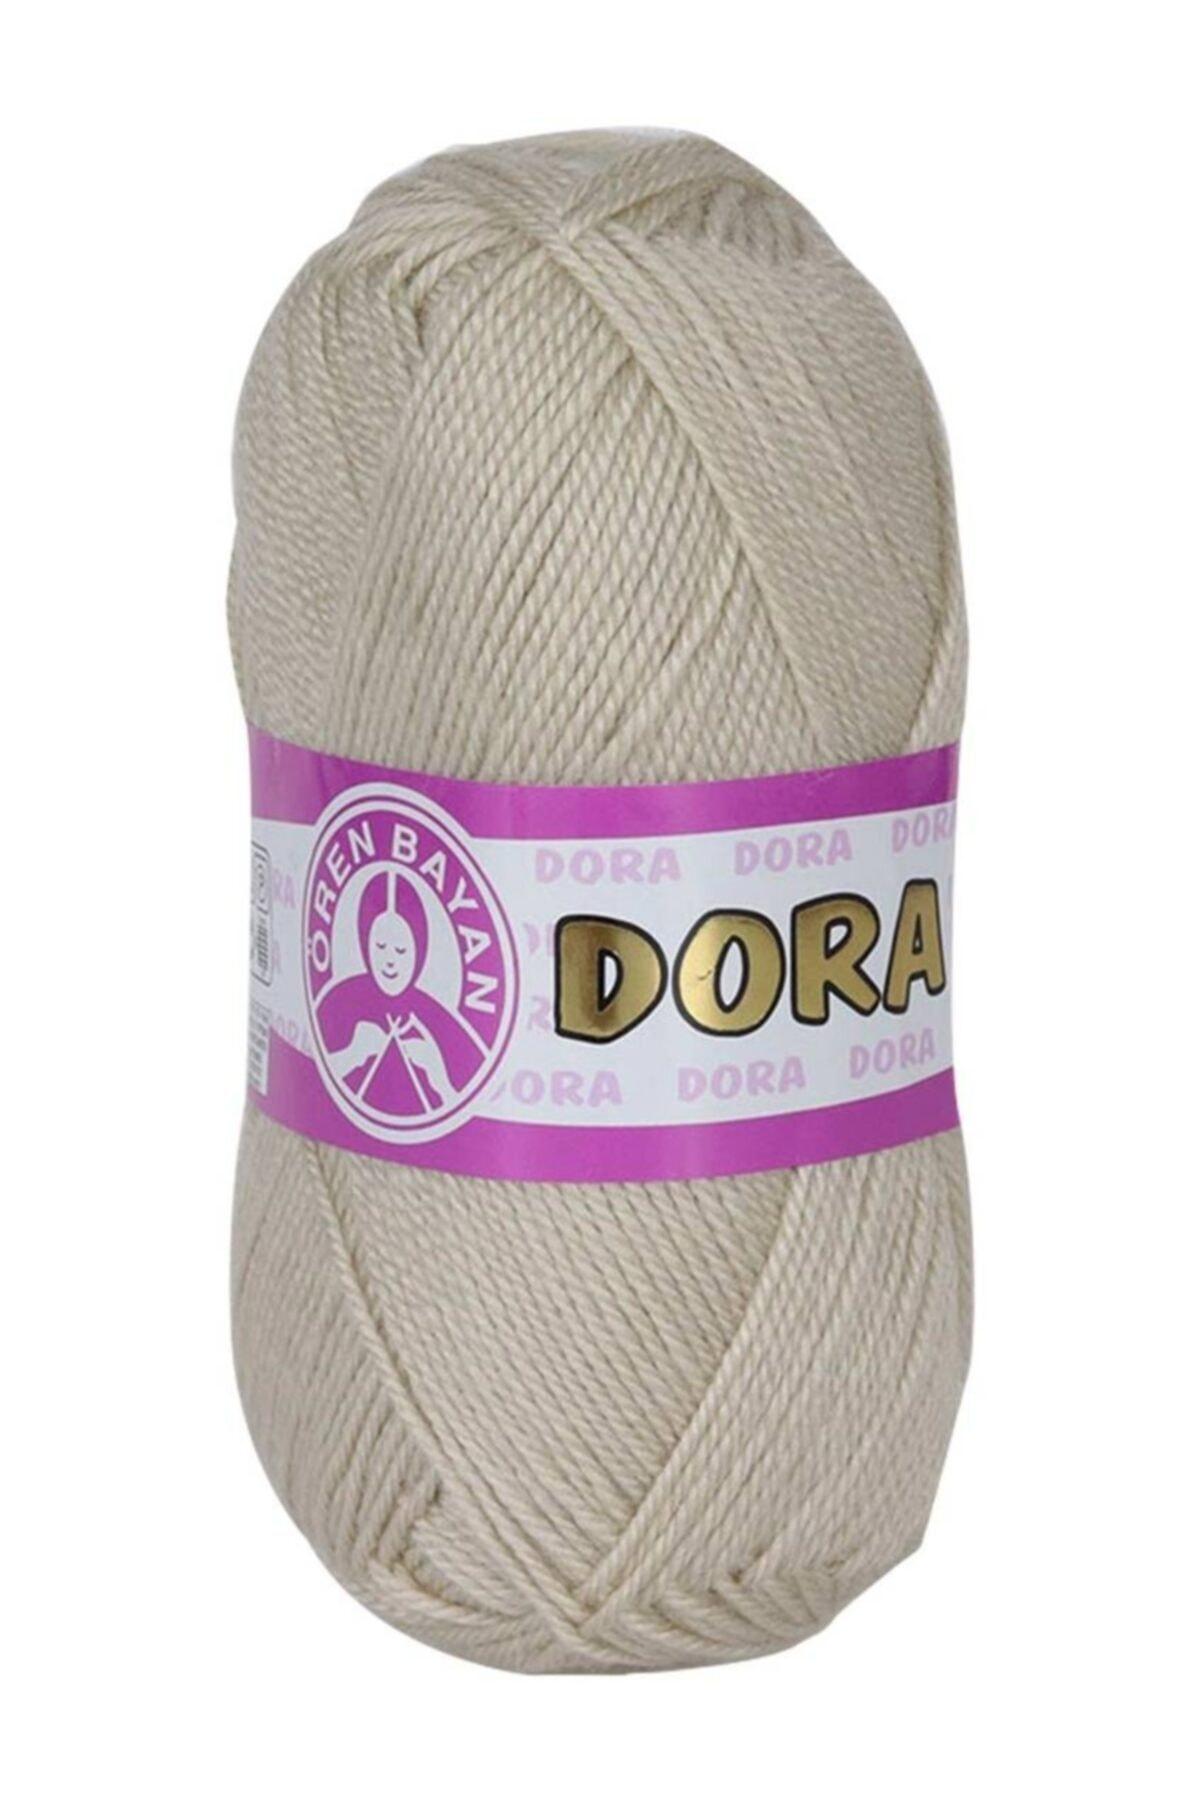 Ören Bayan Dora El Örgü Ipi 078 1